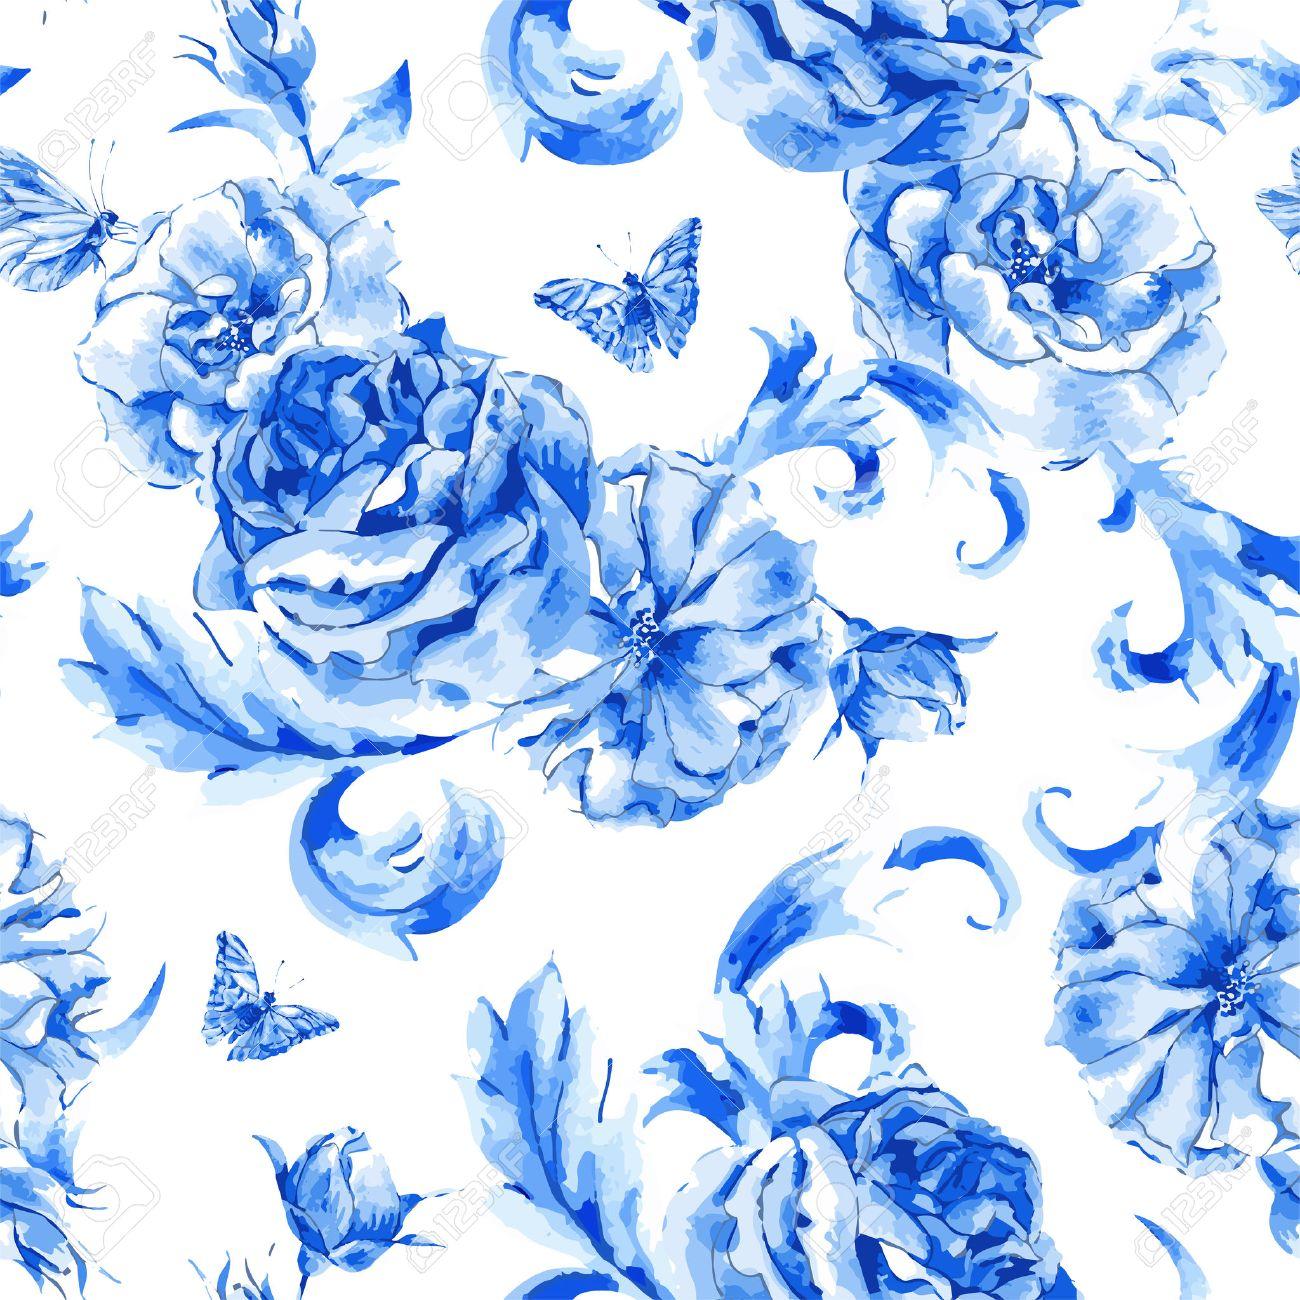 Verano época Perfecta Patrón De Rosas Azules Y Mariposas En Estilo